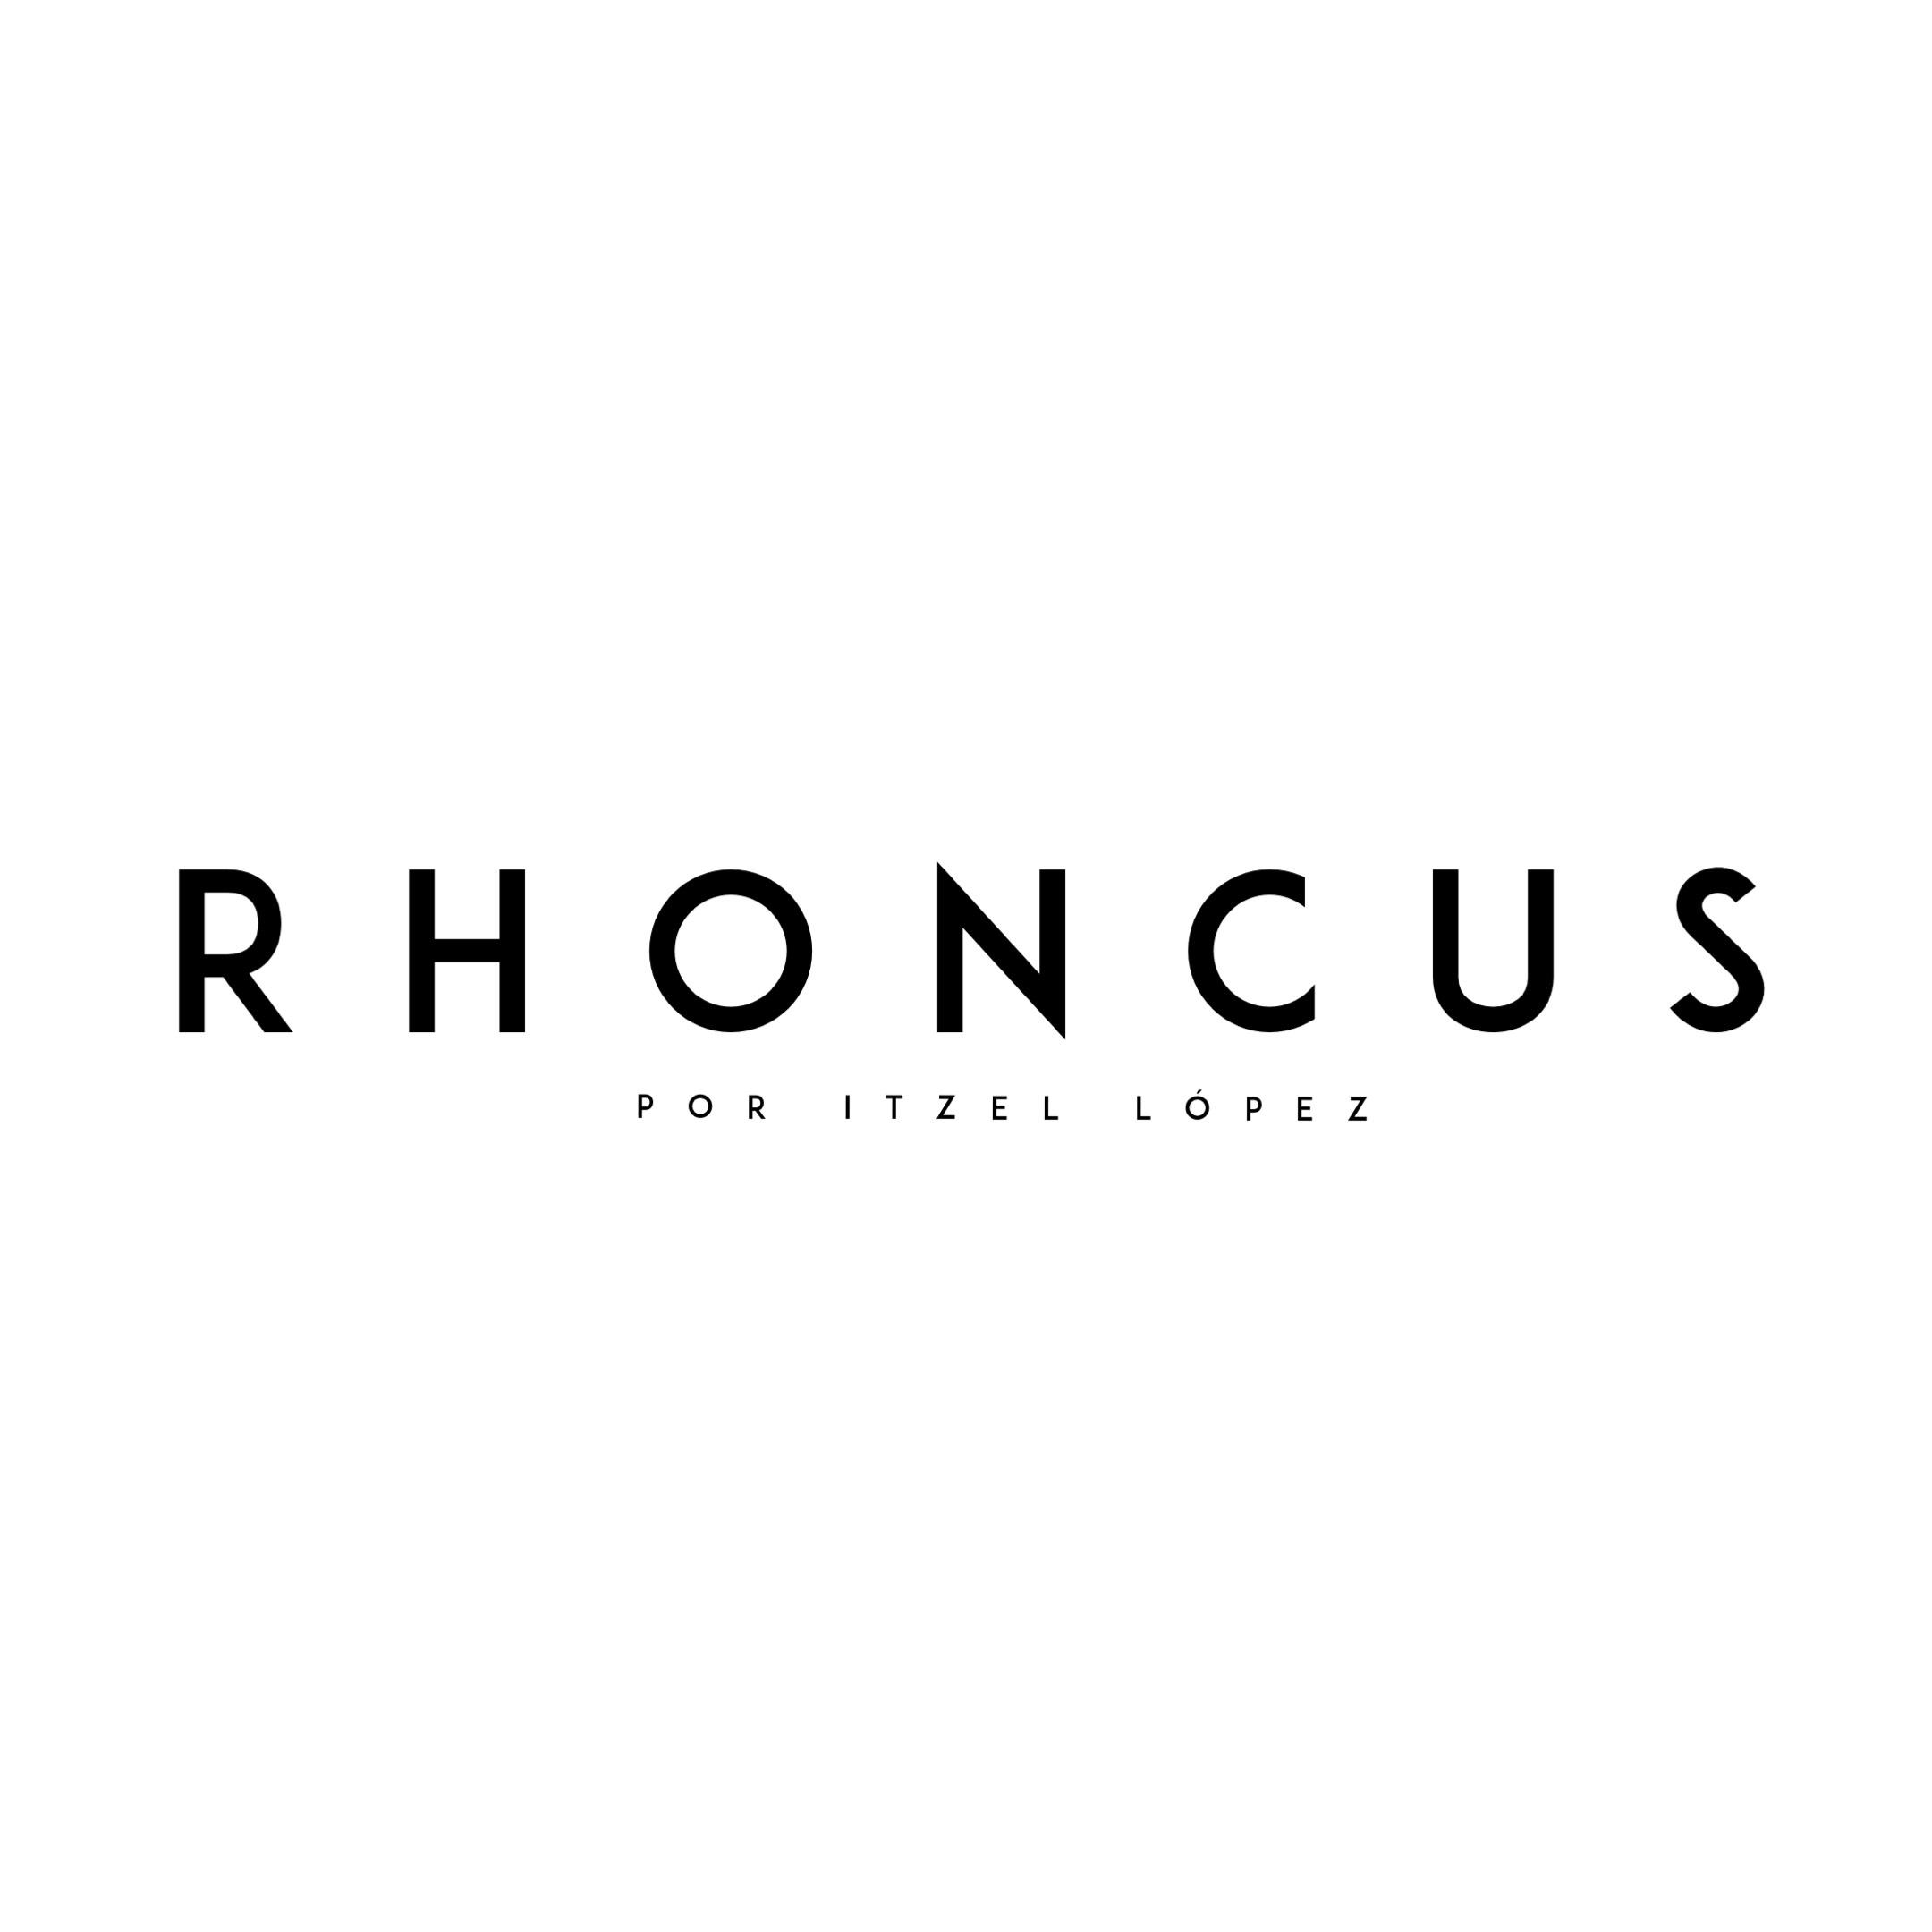 RHONCUS